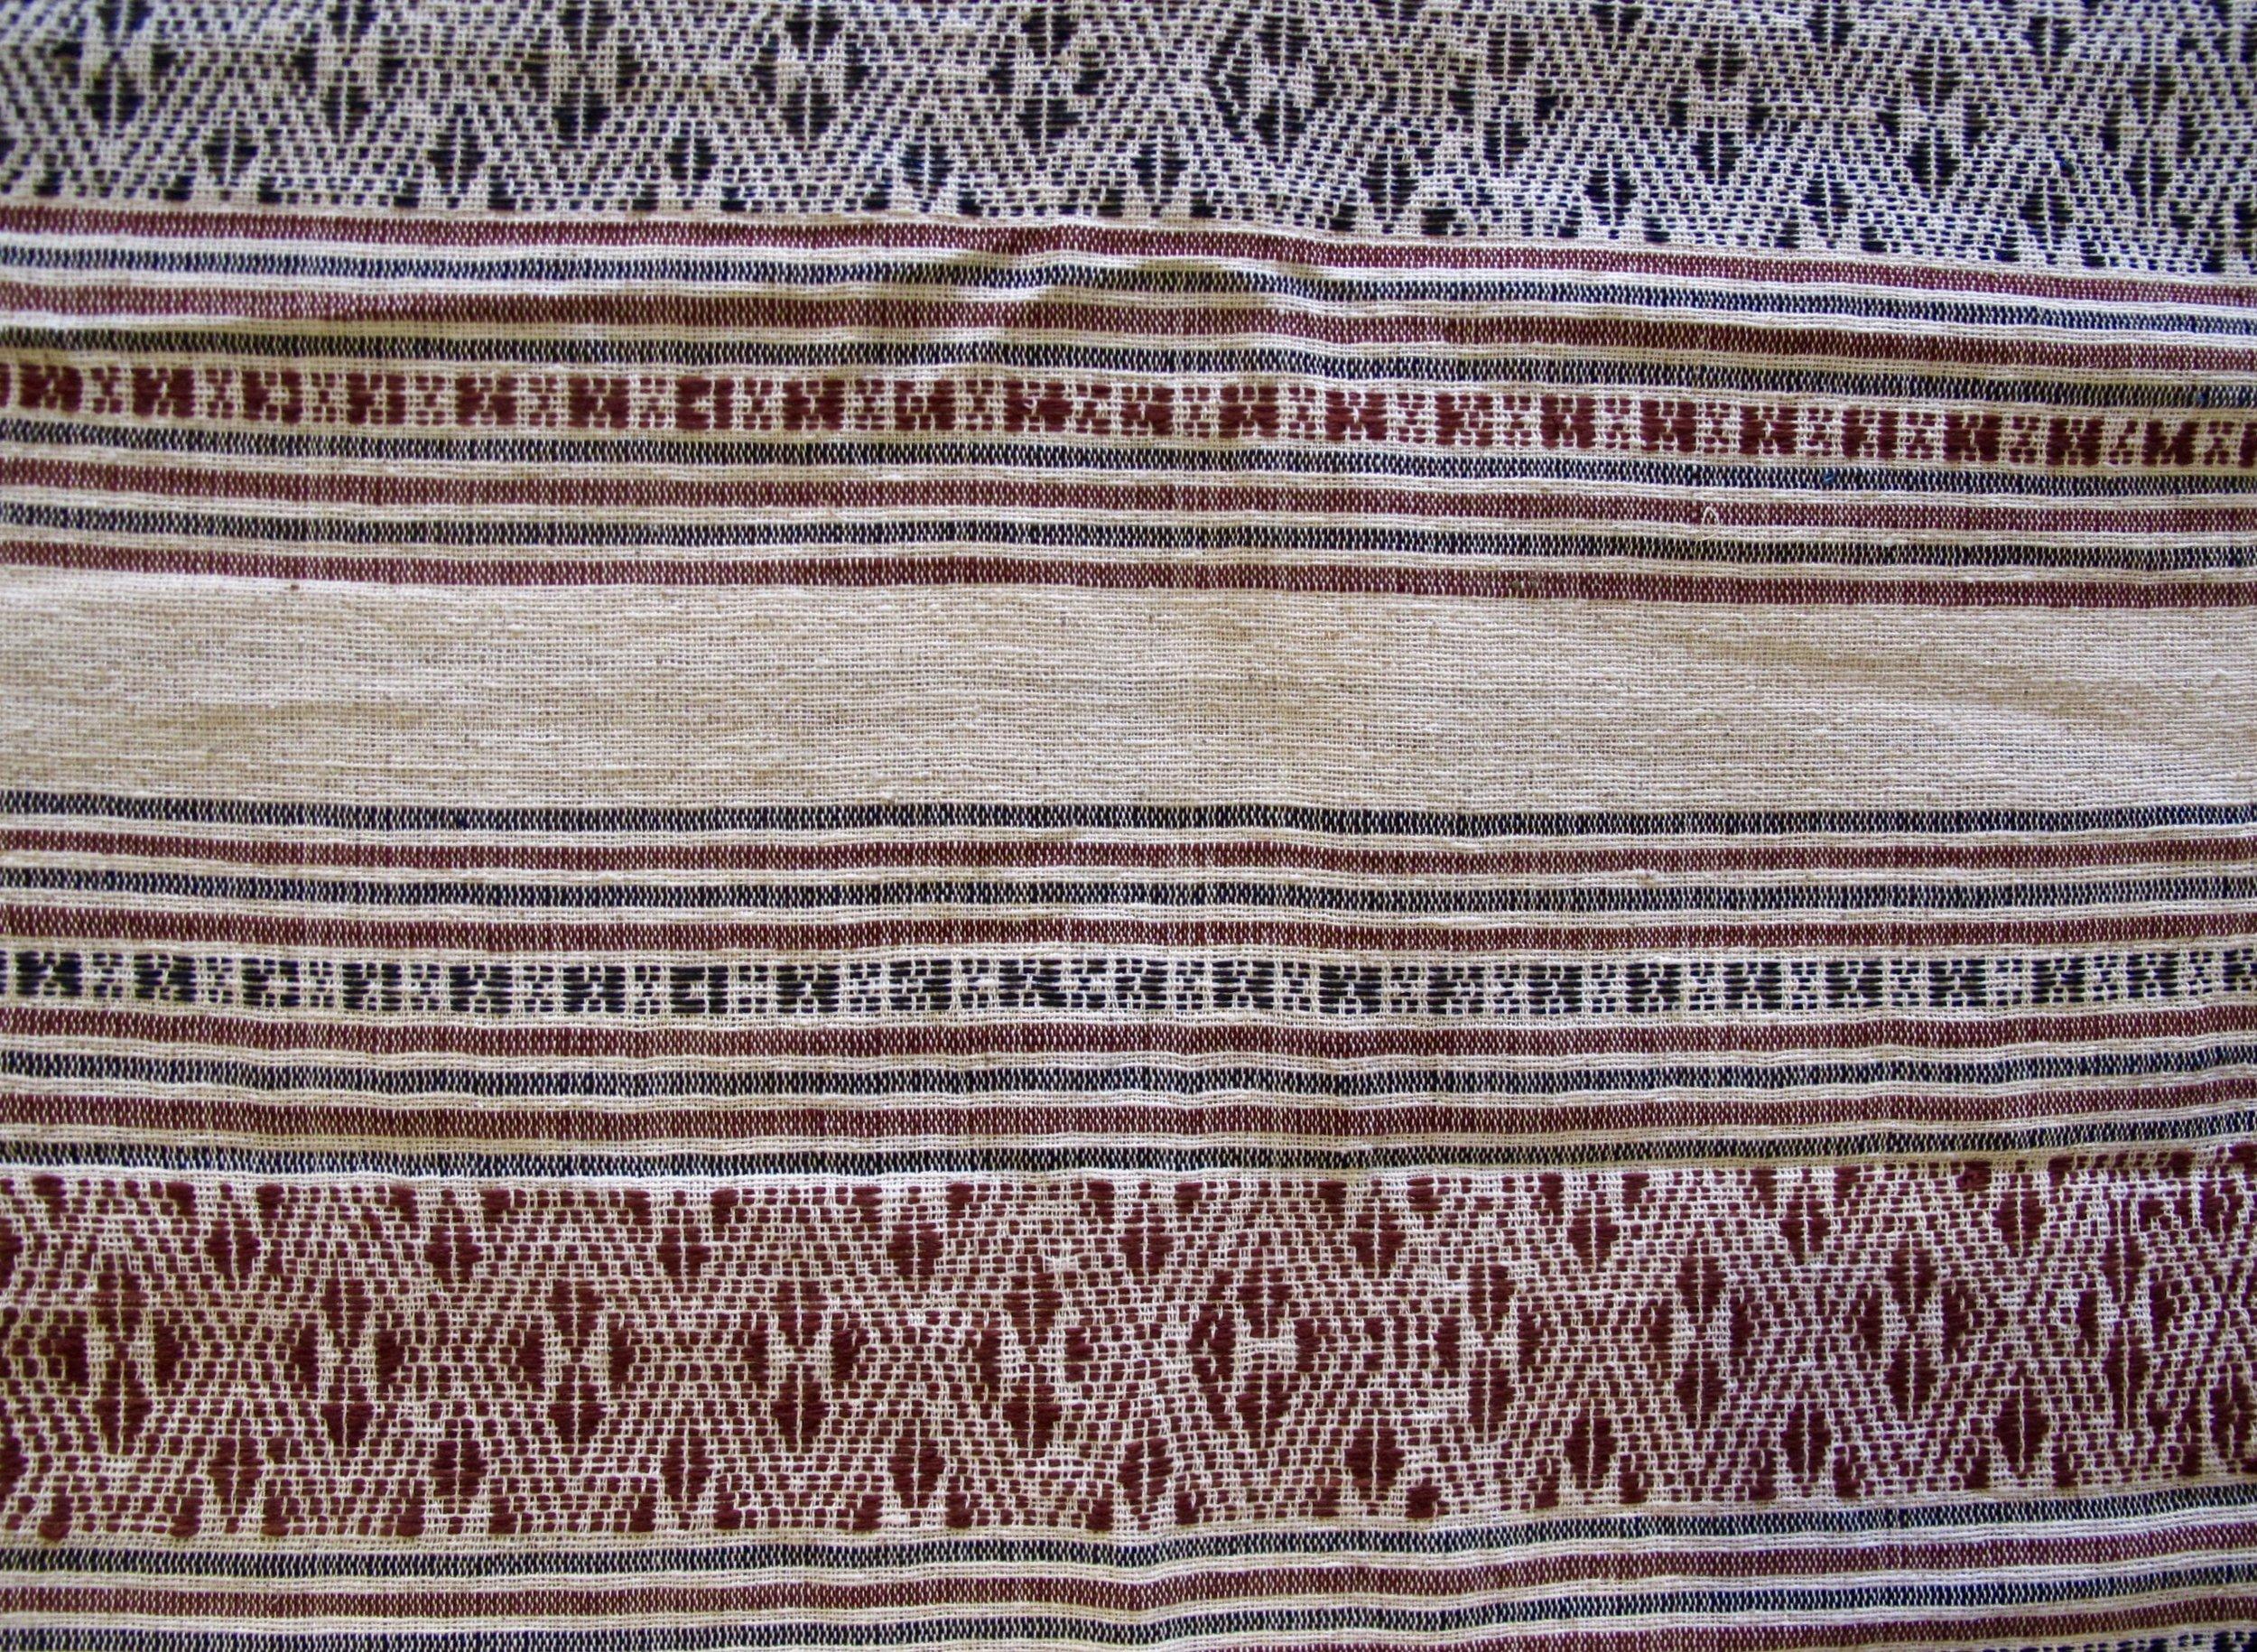 Natural dyes of indigo and macbau